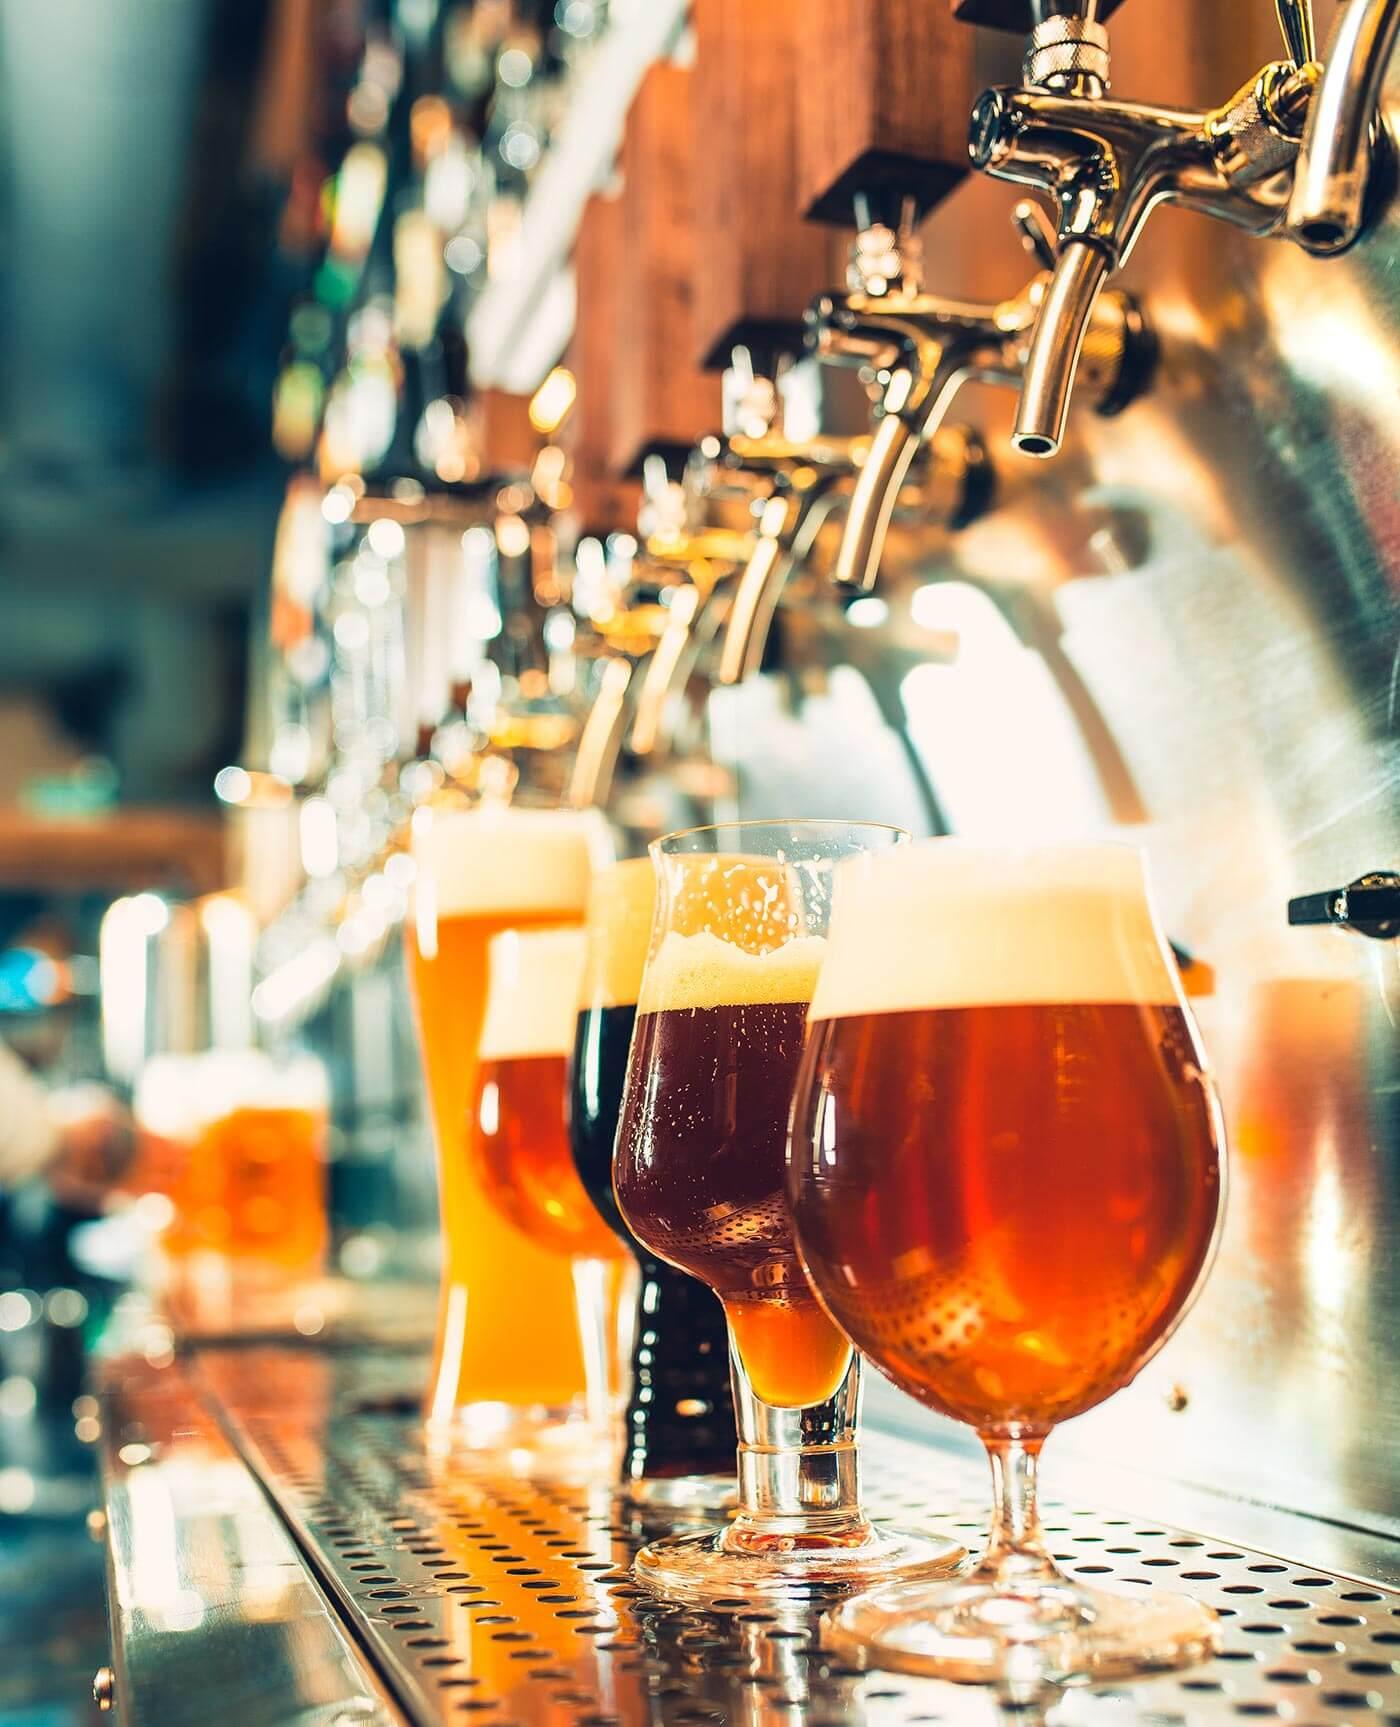 Comprare birra artigianale alla spina per la tua attività